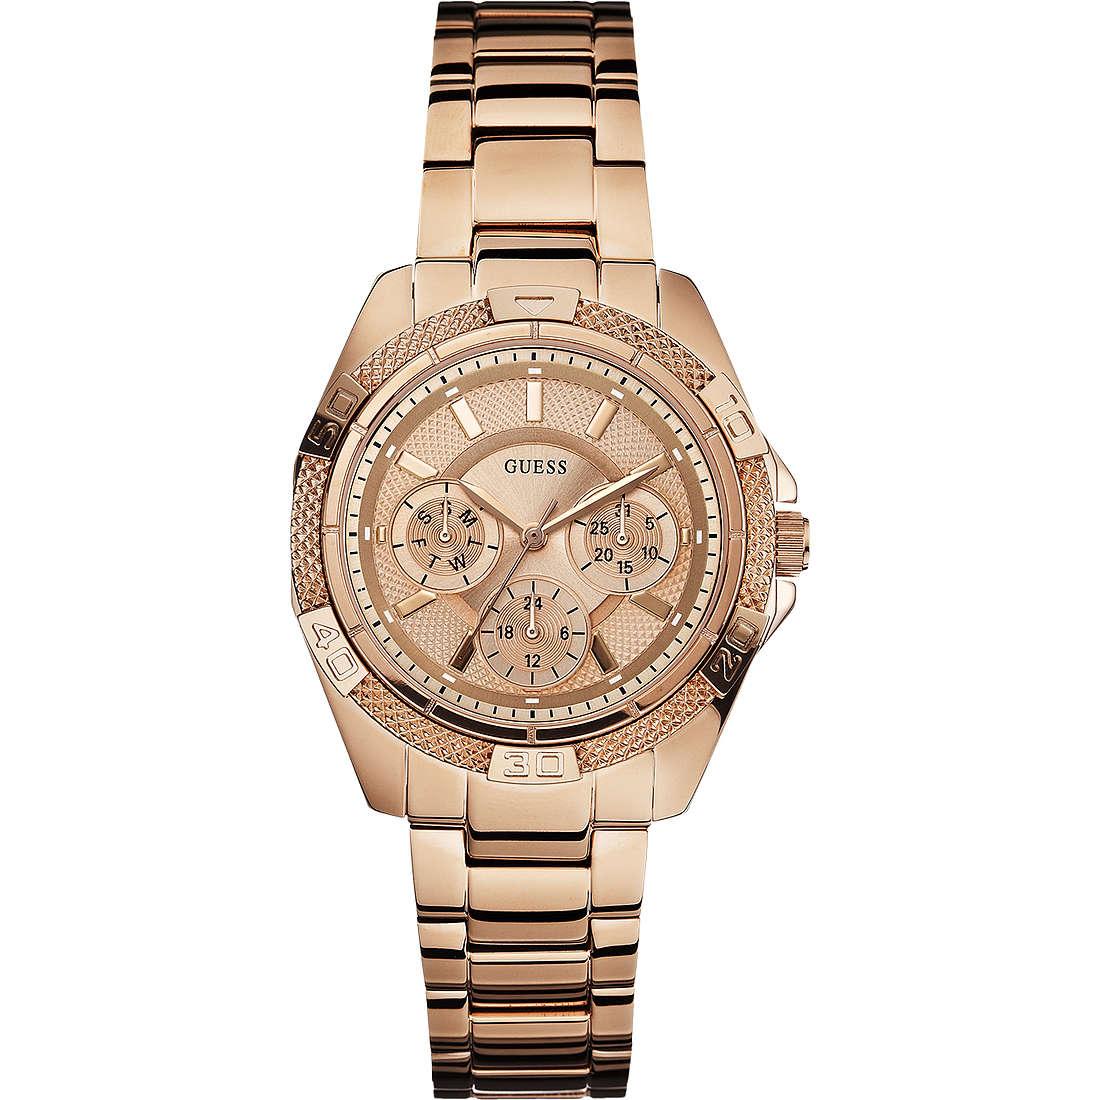 orologio multifunzione donna Guess Settembre 2013 W0235L3